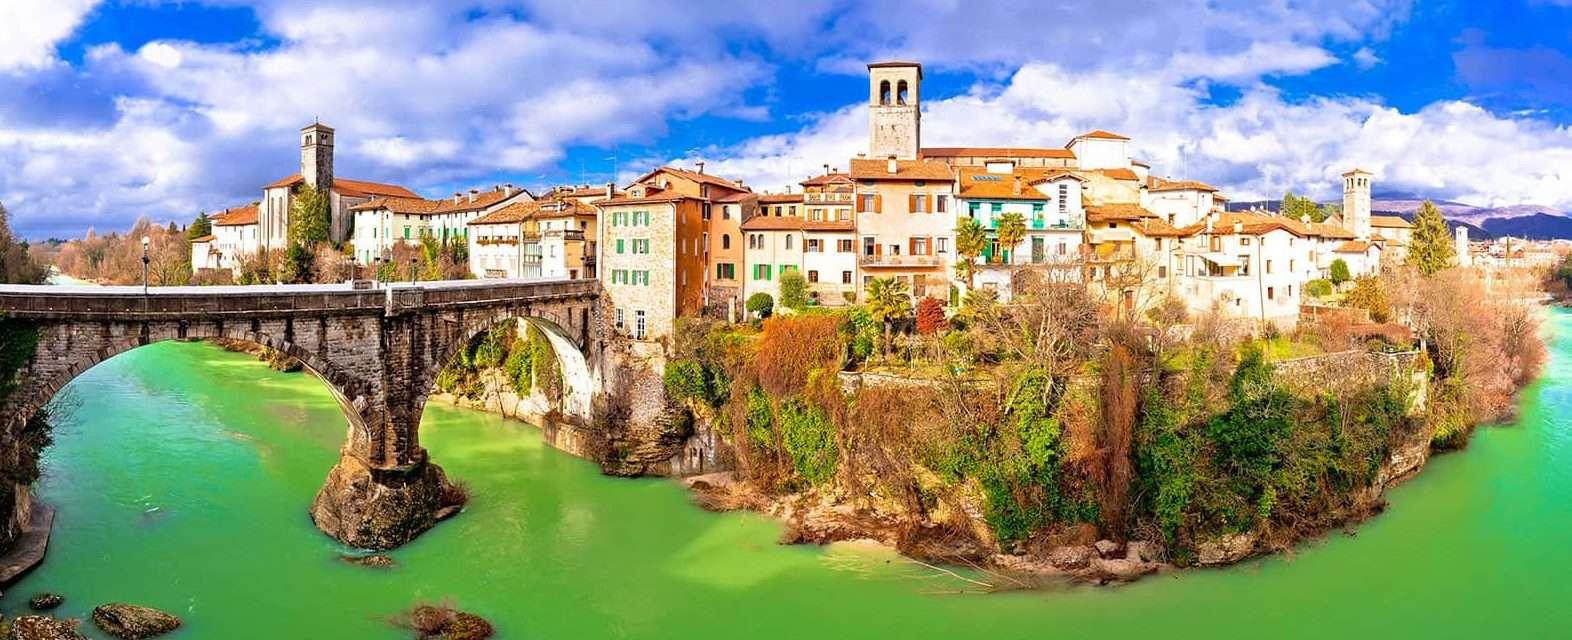 Cividale del Friuli: Il Ponte del diavolo - © Vaghis - viaggi & turismo-Italia - Tutti-i-diritti-riservati